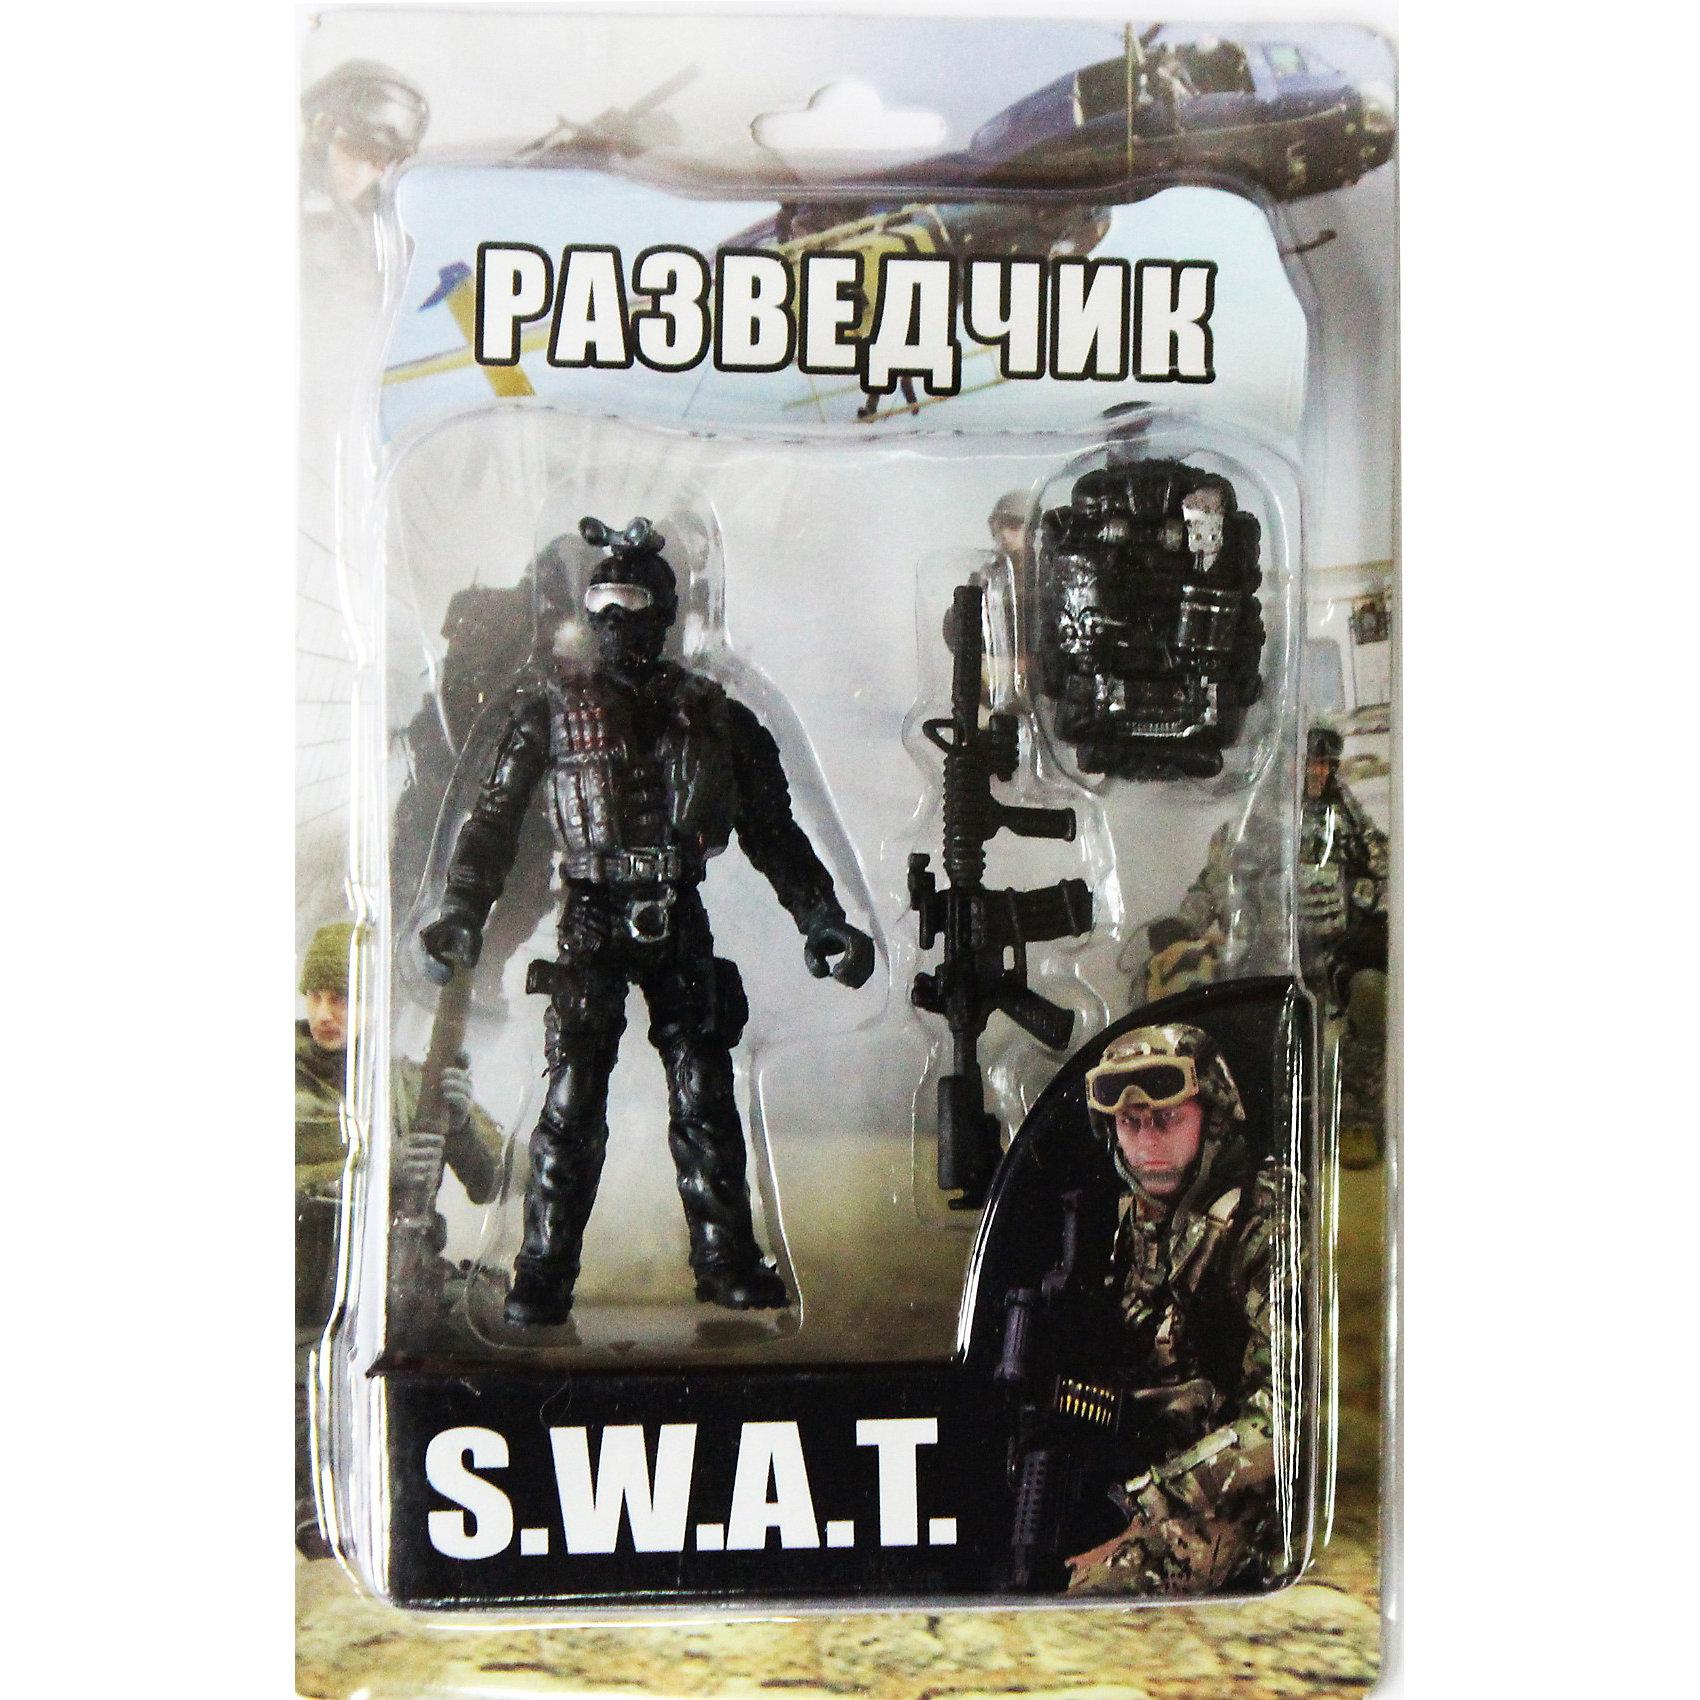 Фигурка Разведчик. Отряд SWATСолдатики и рыцари<br>Все мальчишки любят играть в войн и солдатиков, а когда это бойцы спецподразделения SWAT (Special Weapons and Tactics), игра становится еще более интересной. Цель бойцов спецназа - обеспечение огневой мощи в ходе специальных операций в ситуациях, характеризующихся высокой степенью риска, где специальная тактика необходима для минимизации потерь.<br>Разведчик проводит работу по получению и обработке данных о действующем или вероятном противнике, его военных ресурсах, боевых возможностях и уязвимости, а также о театре военных действий.<br><br>Дополнительная информация:<br><br>- высота: около 10 см<br>- у фигурки подвижные руки и ноги<br>- размер упаковки: 14 х 20 х 4 см<br>- материал: пластик<br>- в комплекте аксессуары: винтовка и рюкзак-разгрузка<br><br>Фигурку  Разведчика. Отряд SWAT  можно купить в нашем магазине.<br><br>Ширина мм: 40<br>Глубина мм: 140<br>Высота мм: 200<br>Вес г: 200<br>Возраст от месяцев: 36<br>Возраст до месяцев: 120<br>Пол: Мужской<br>Возраст: Детский<br>SKU: 3730516